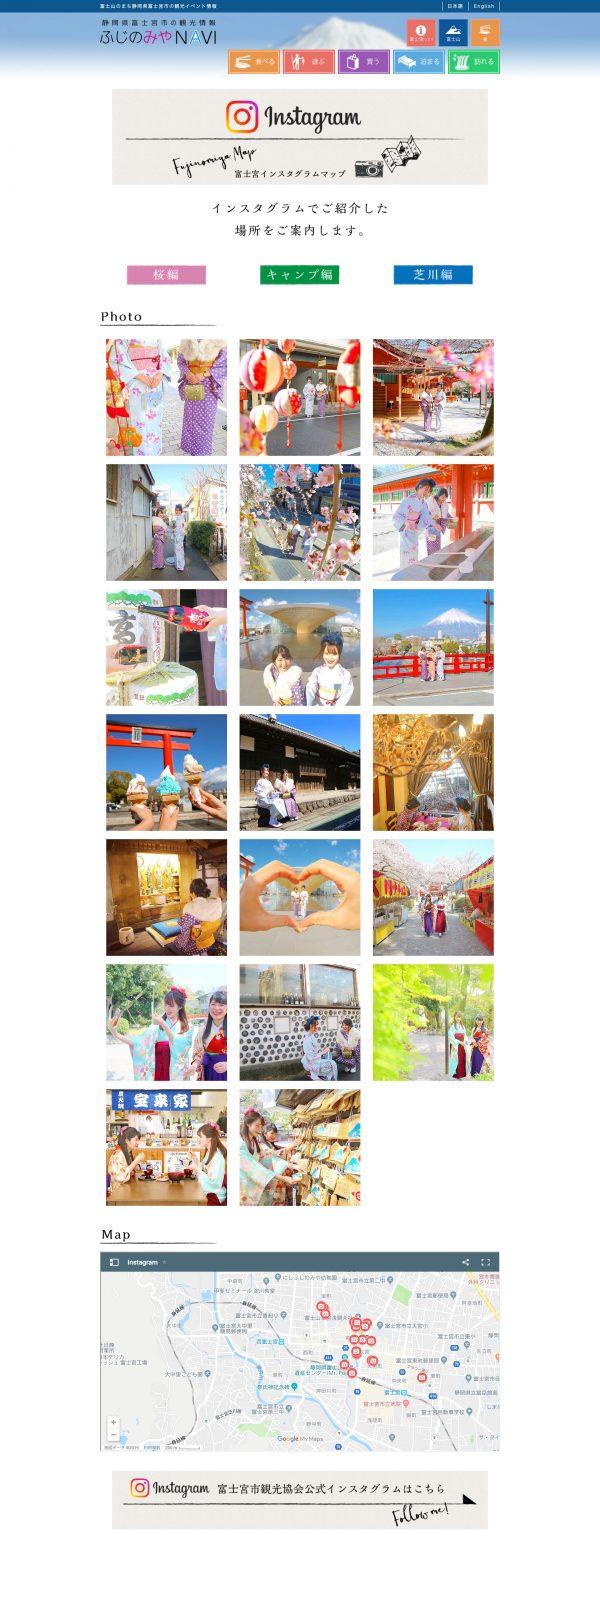 インスタグラム撮影場所紹介マップ 観光協会